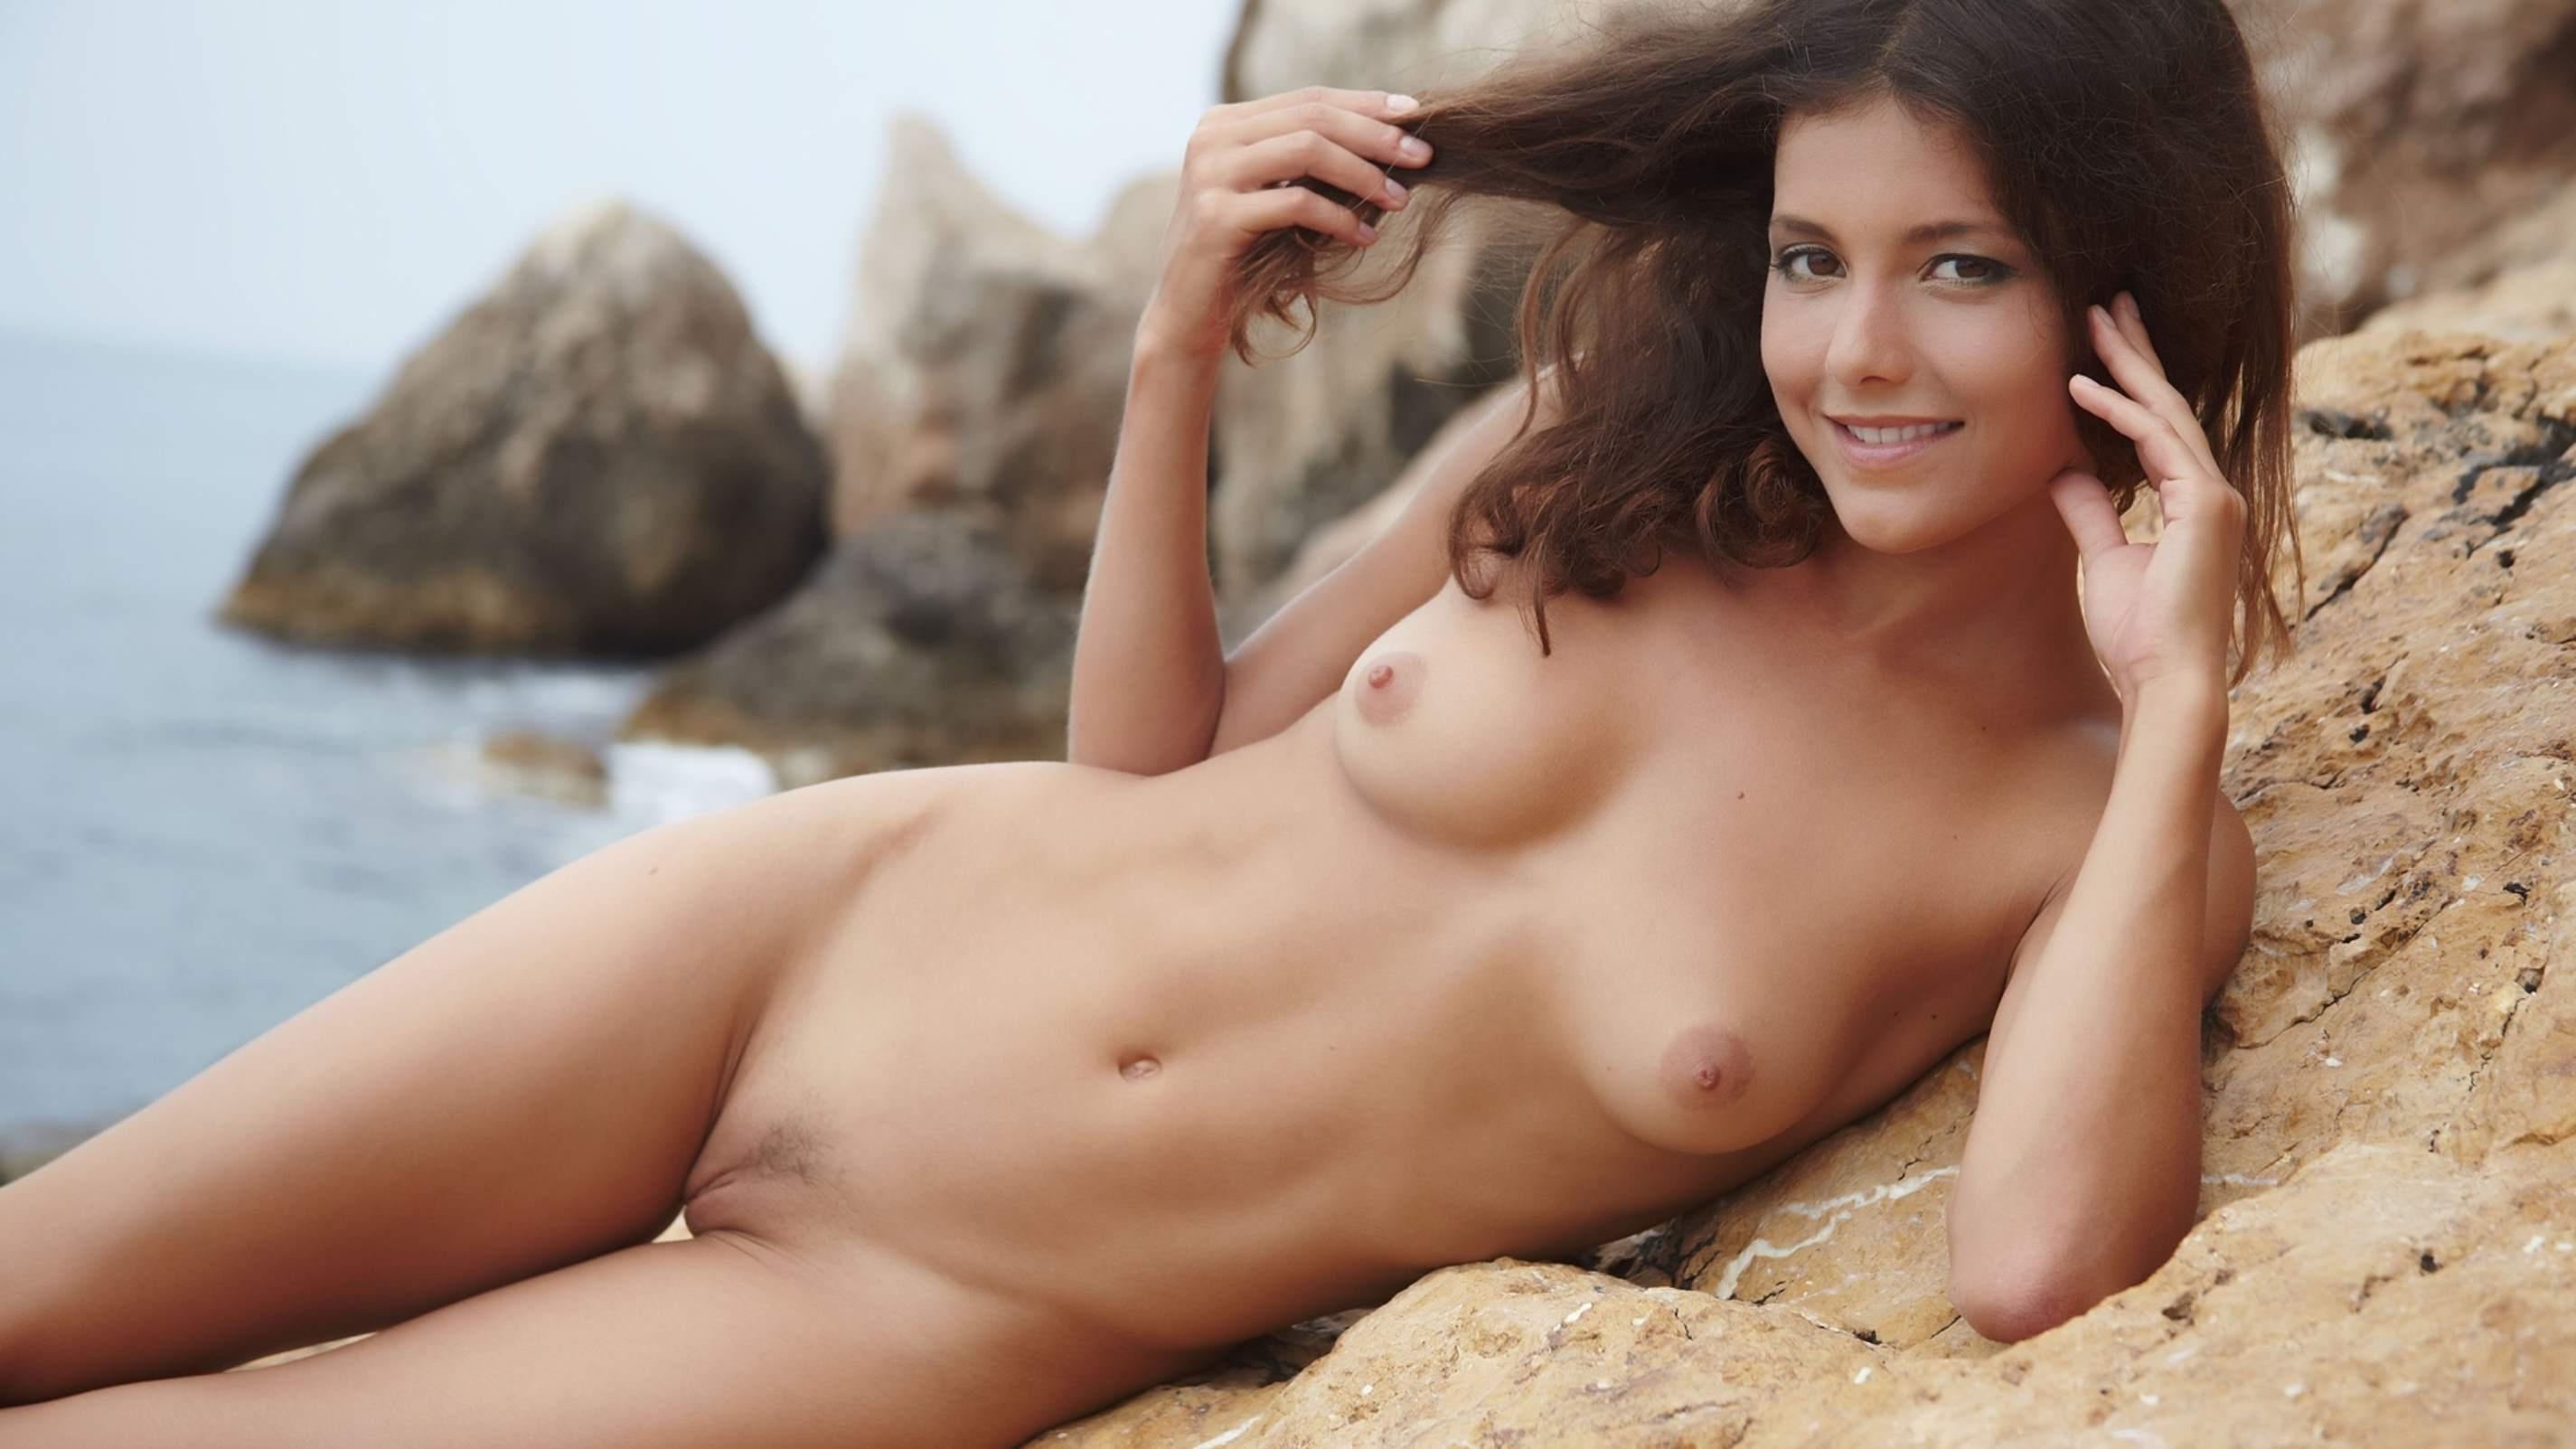 Naked Eastern European Girls